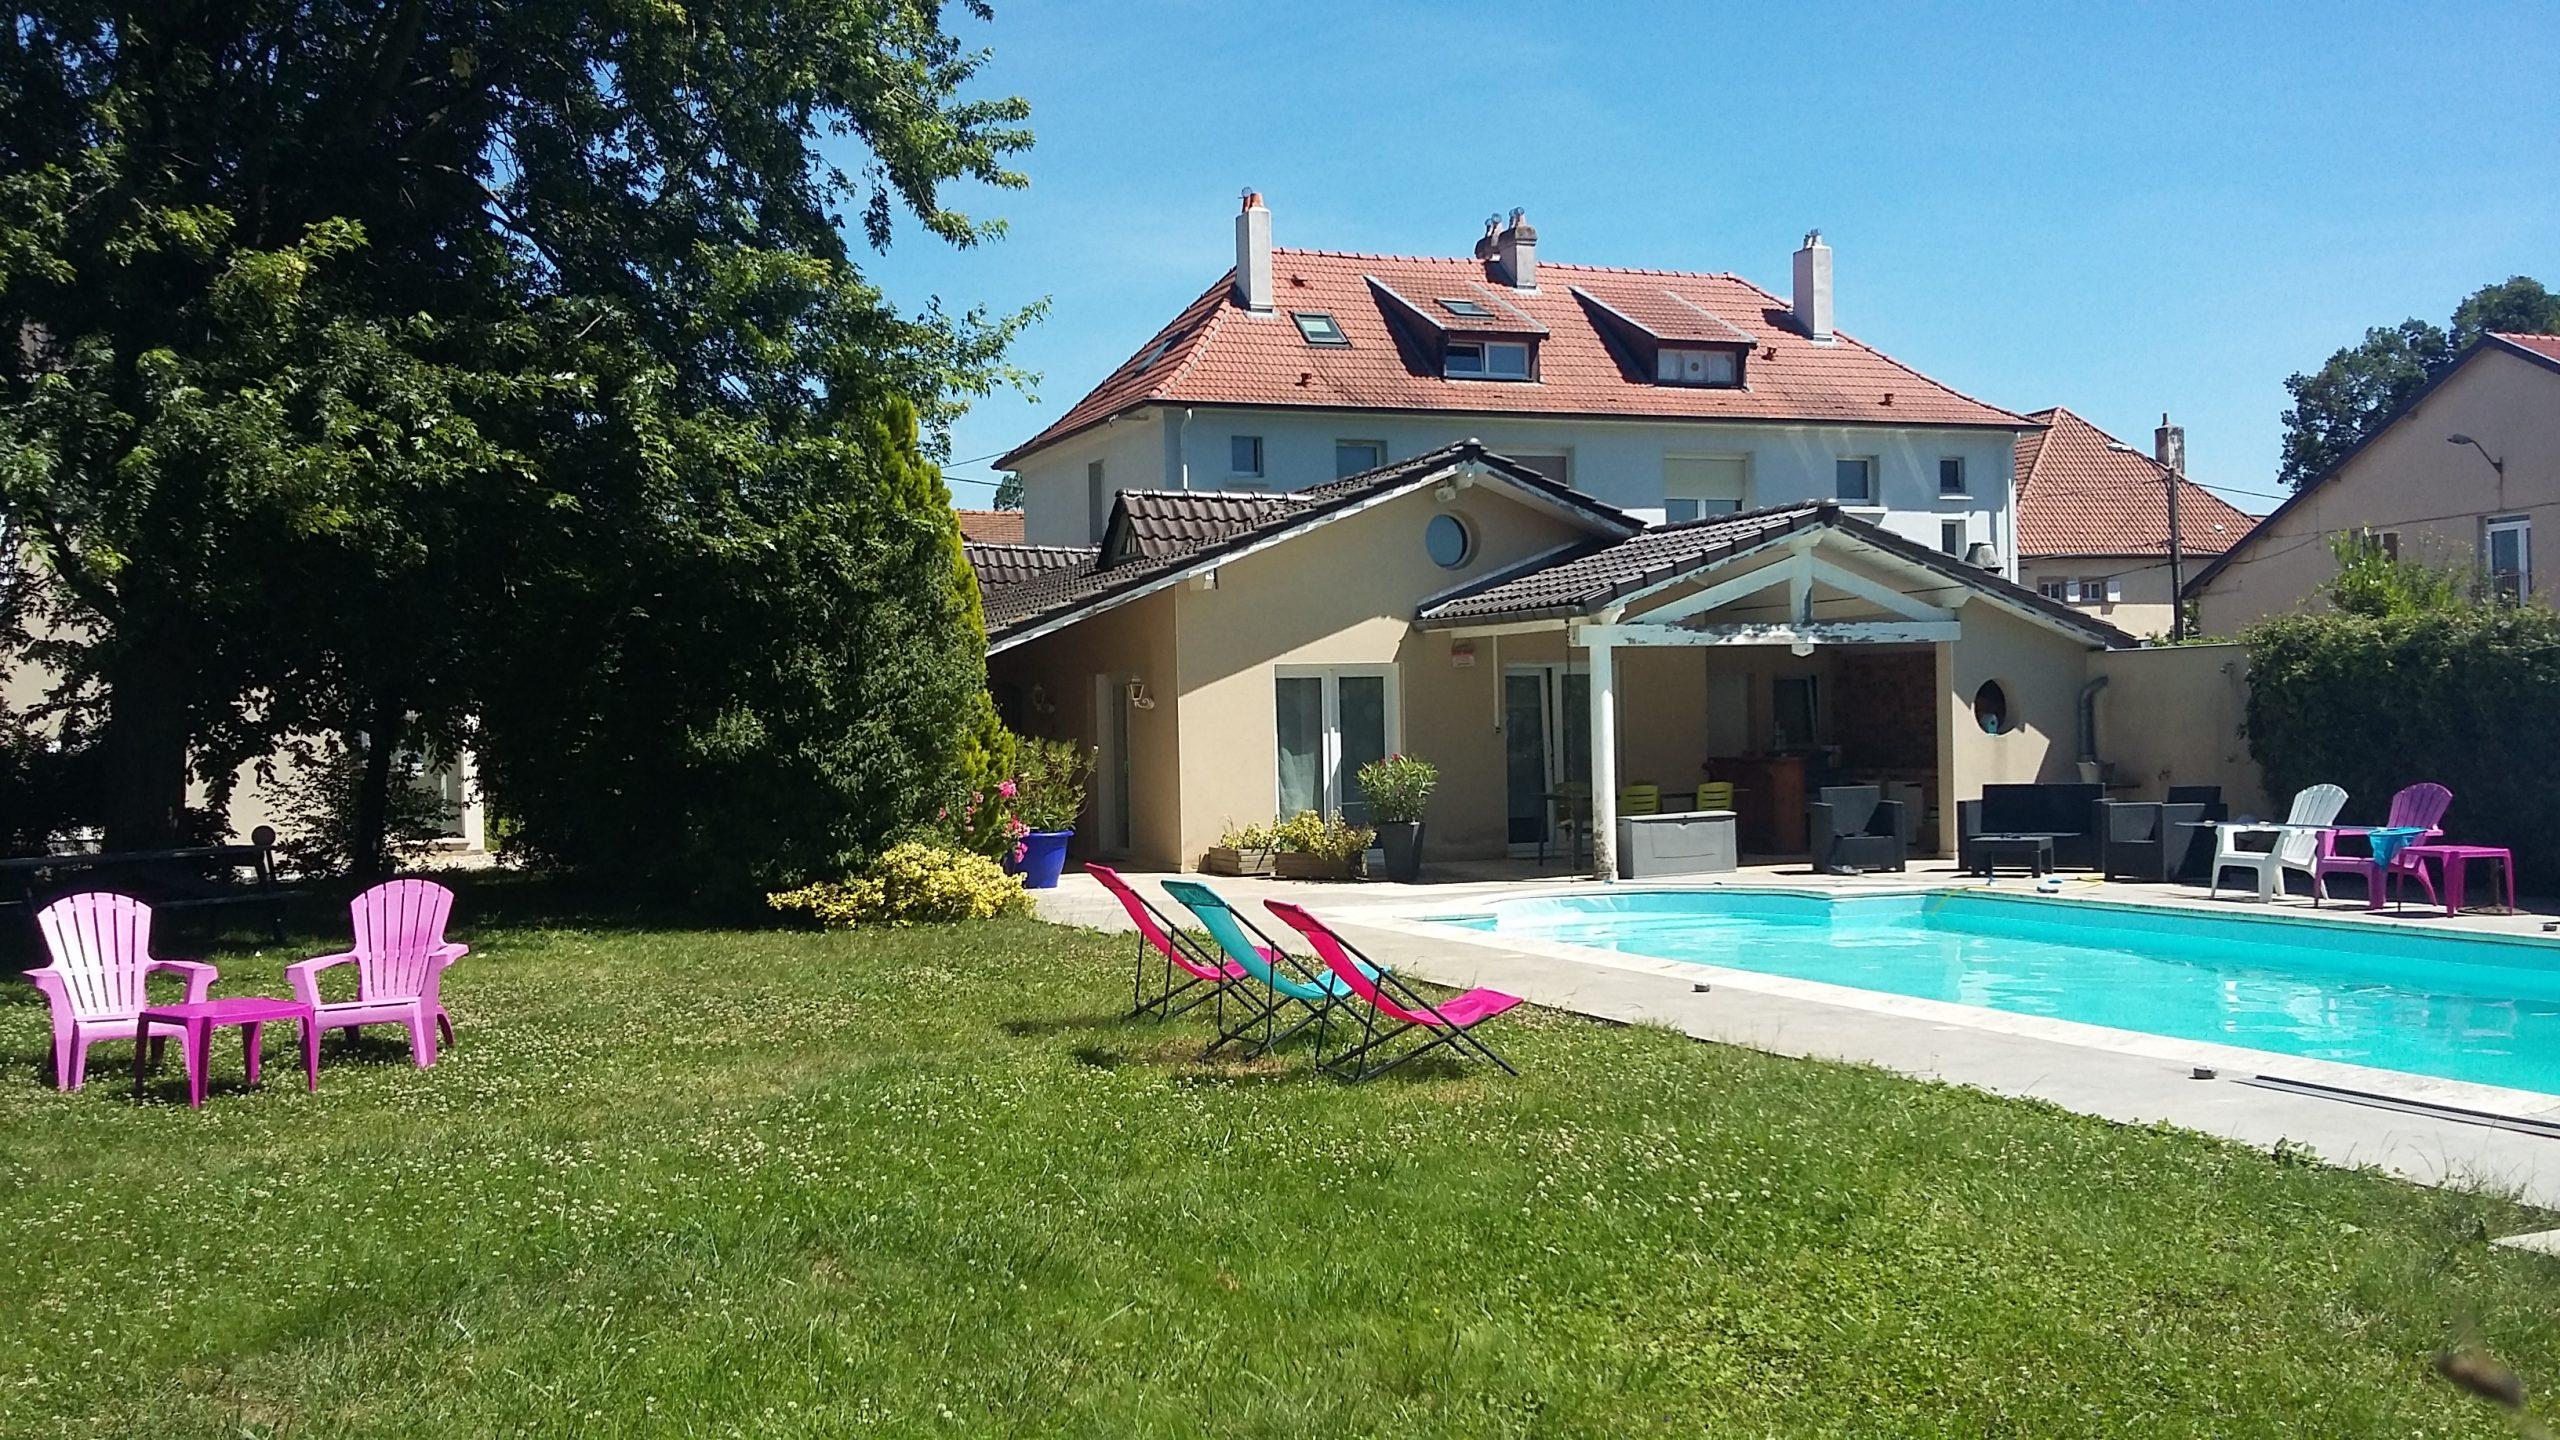 Nos Autres Sites – Bnb Metz, Les Chambres De L'ile serapportantà Les Jardins Du Golf Metz